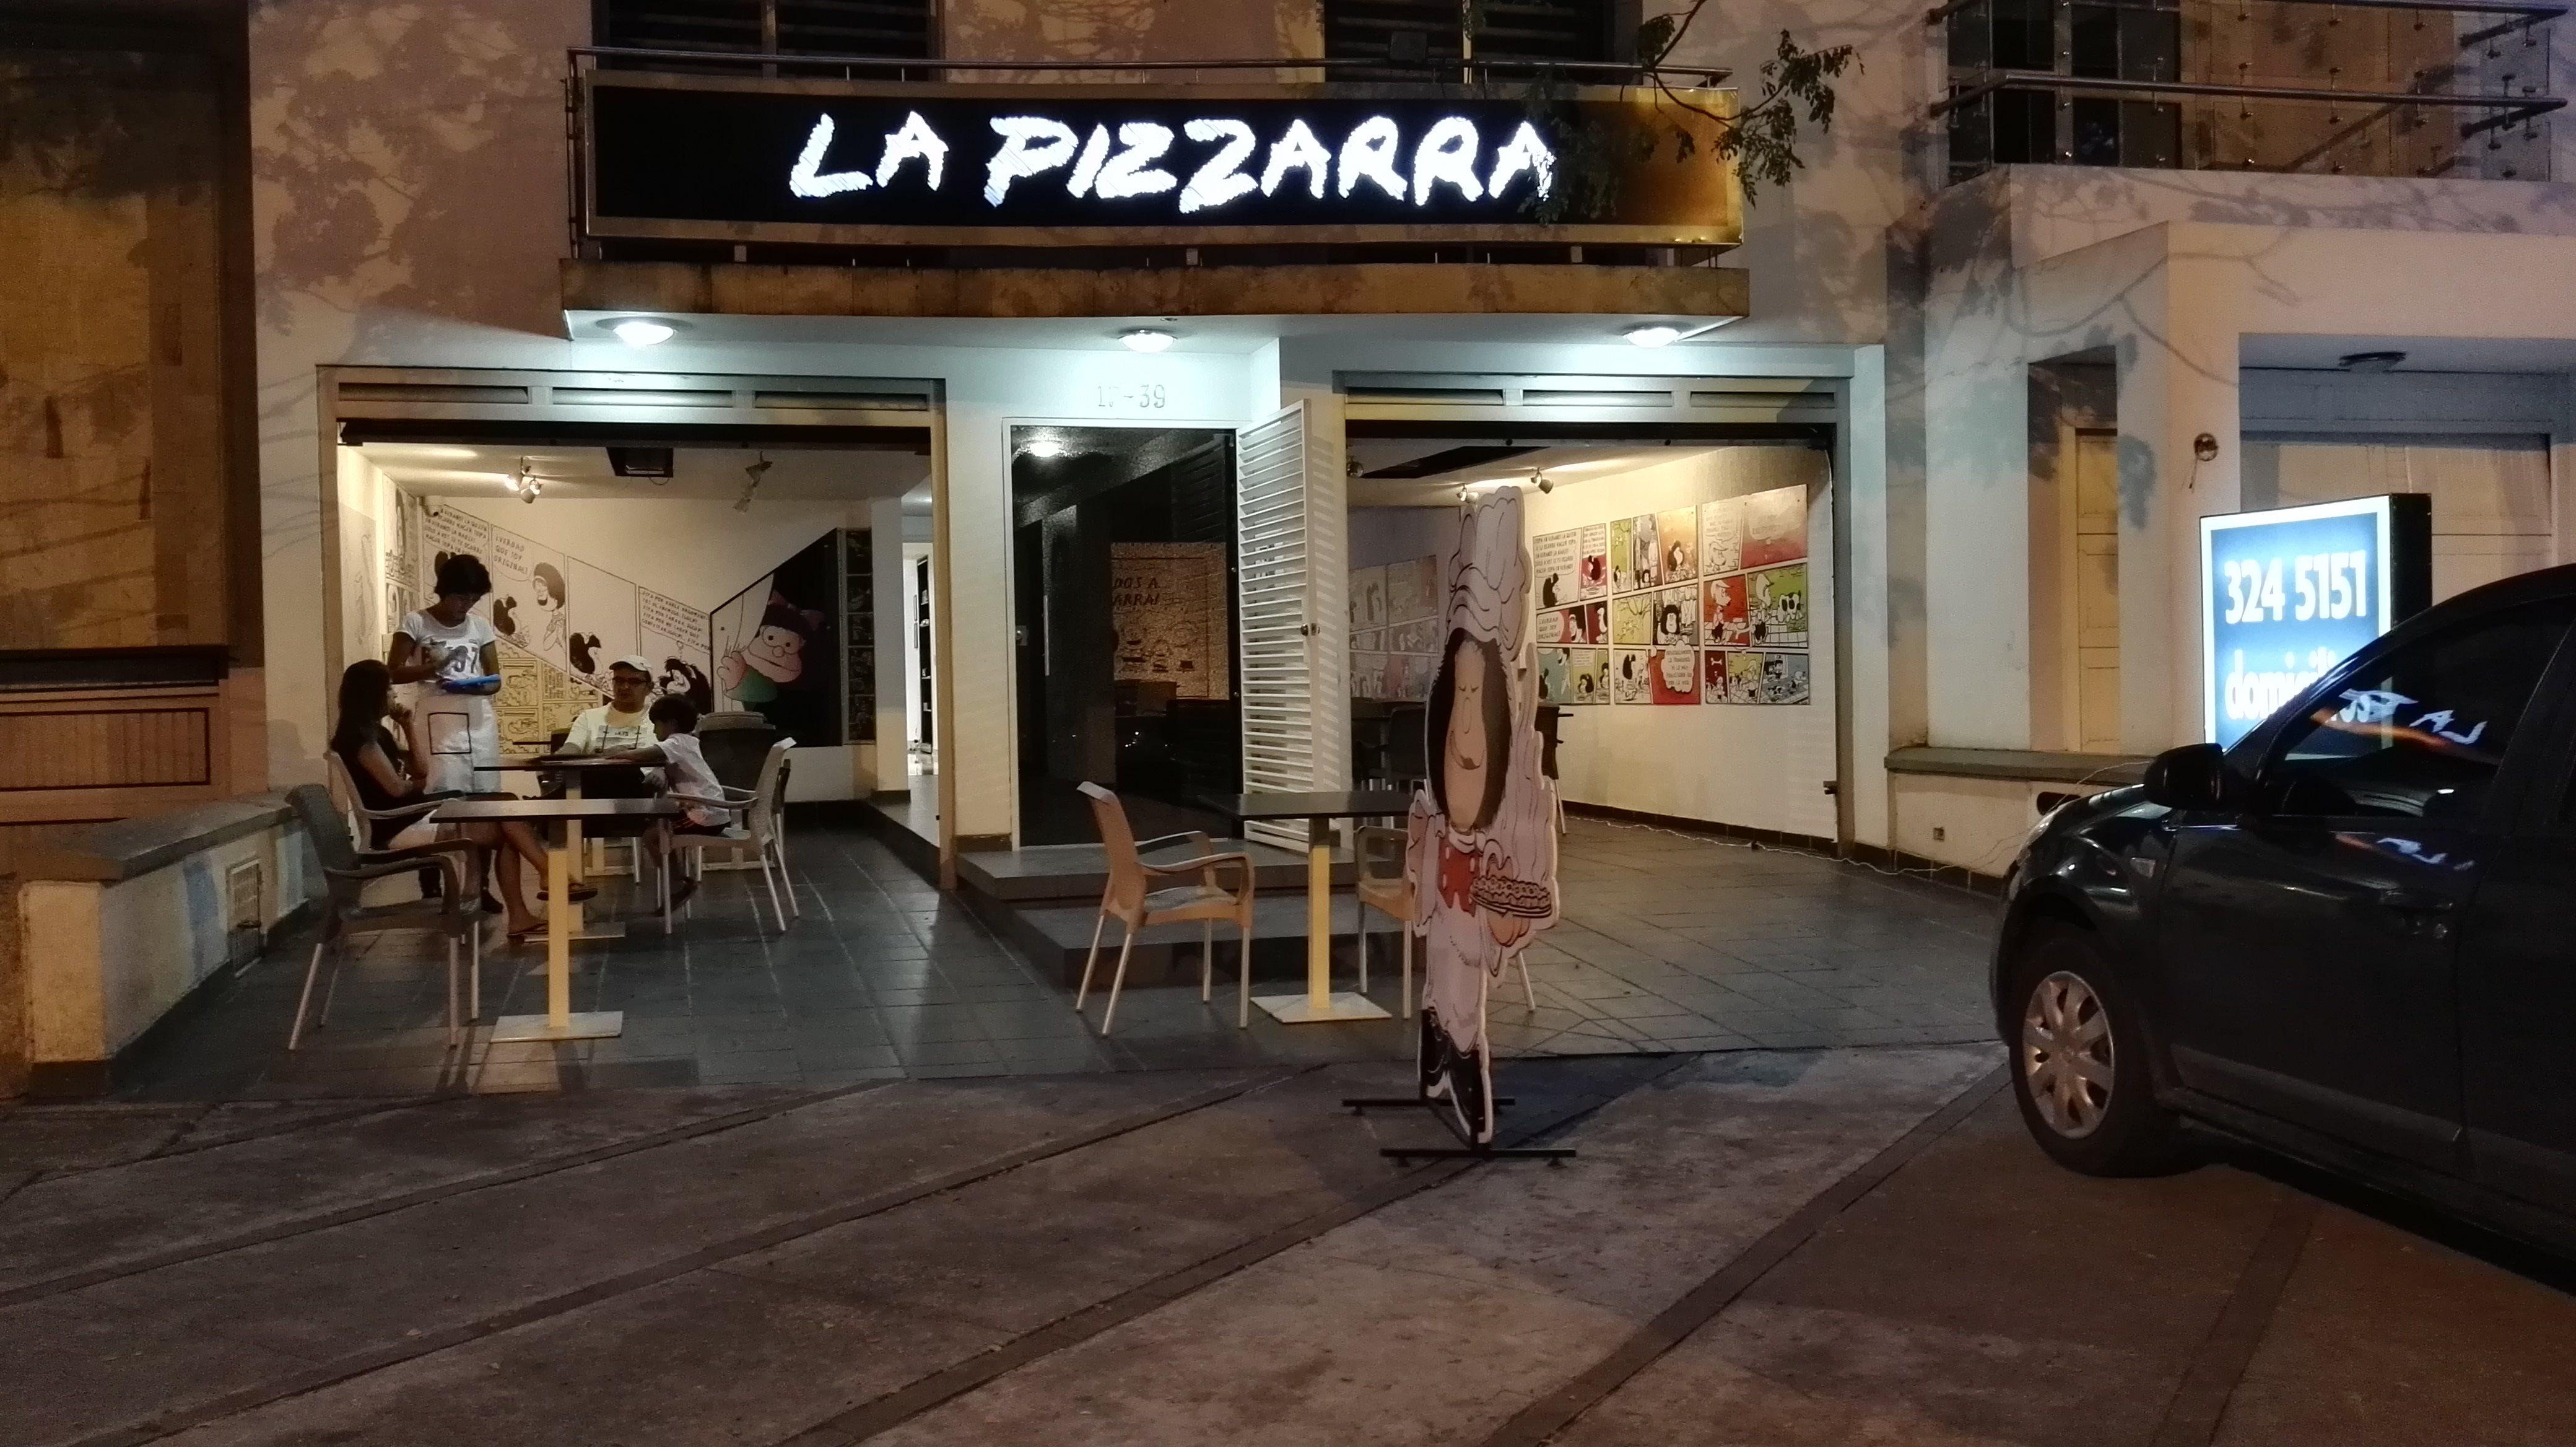 La pizzarra